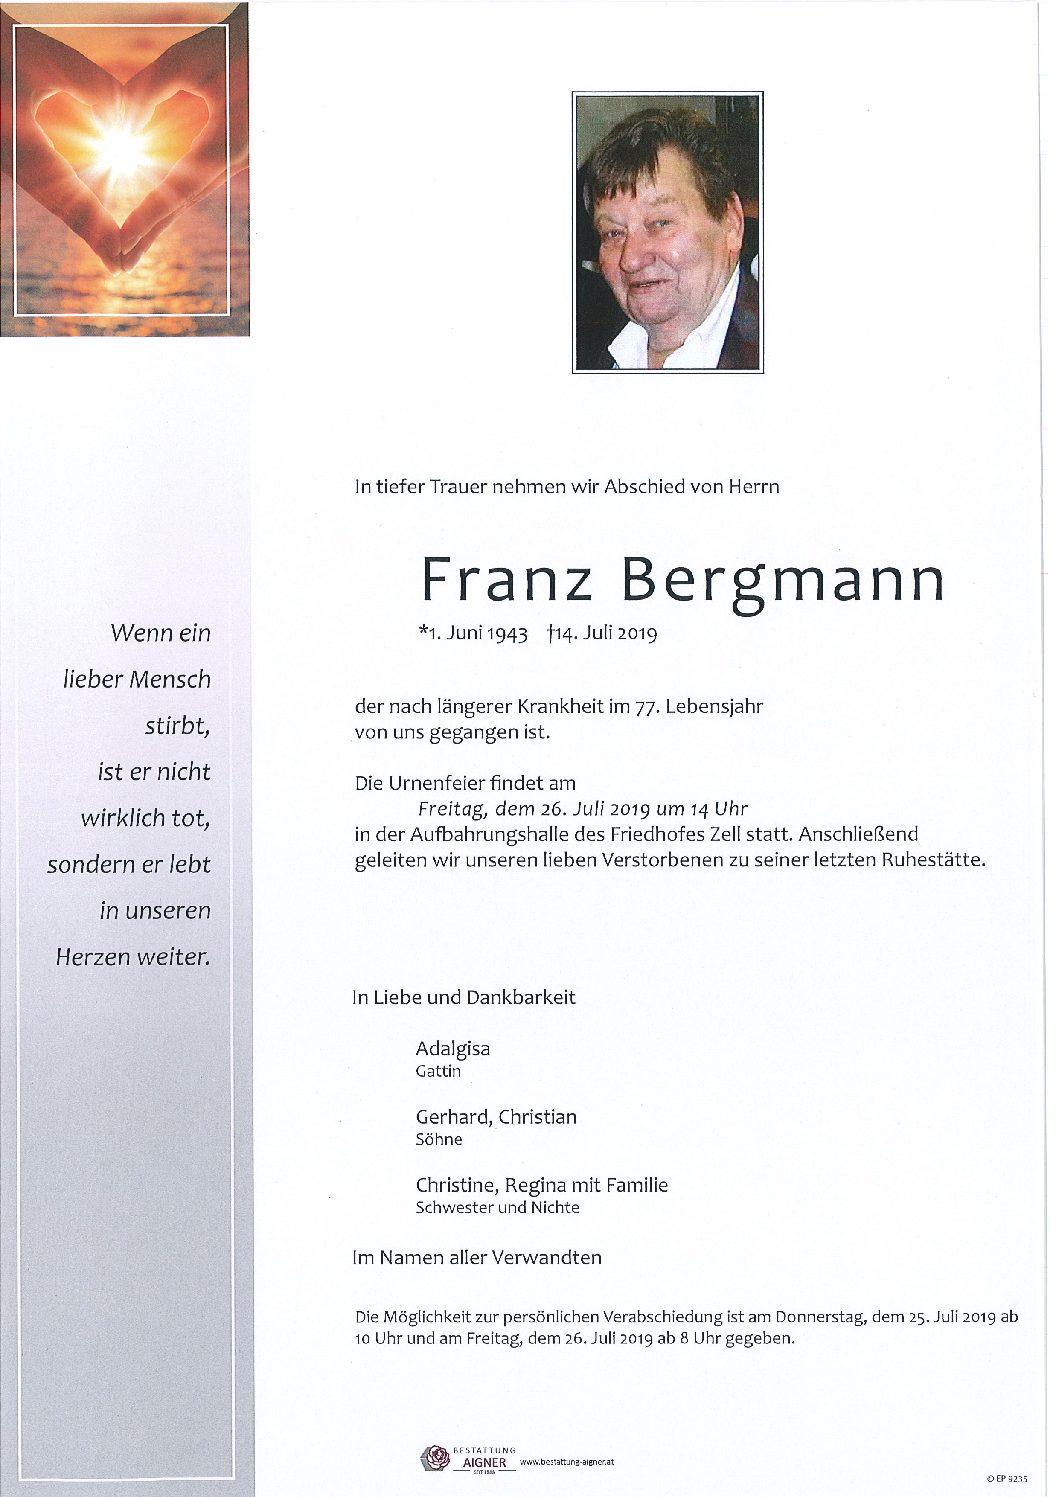 Franz Bergmann